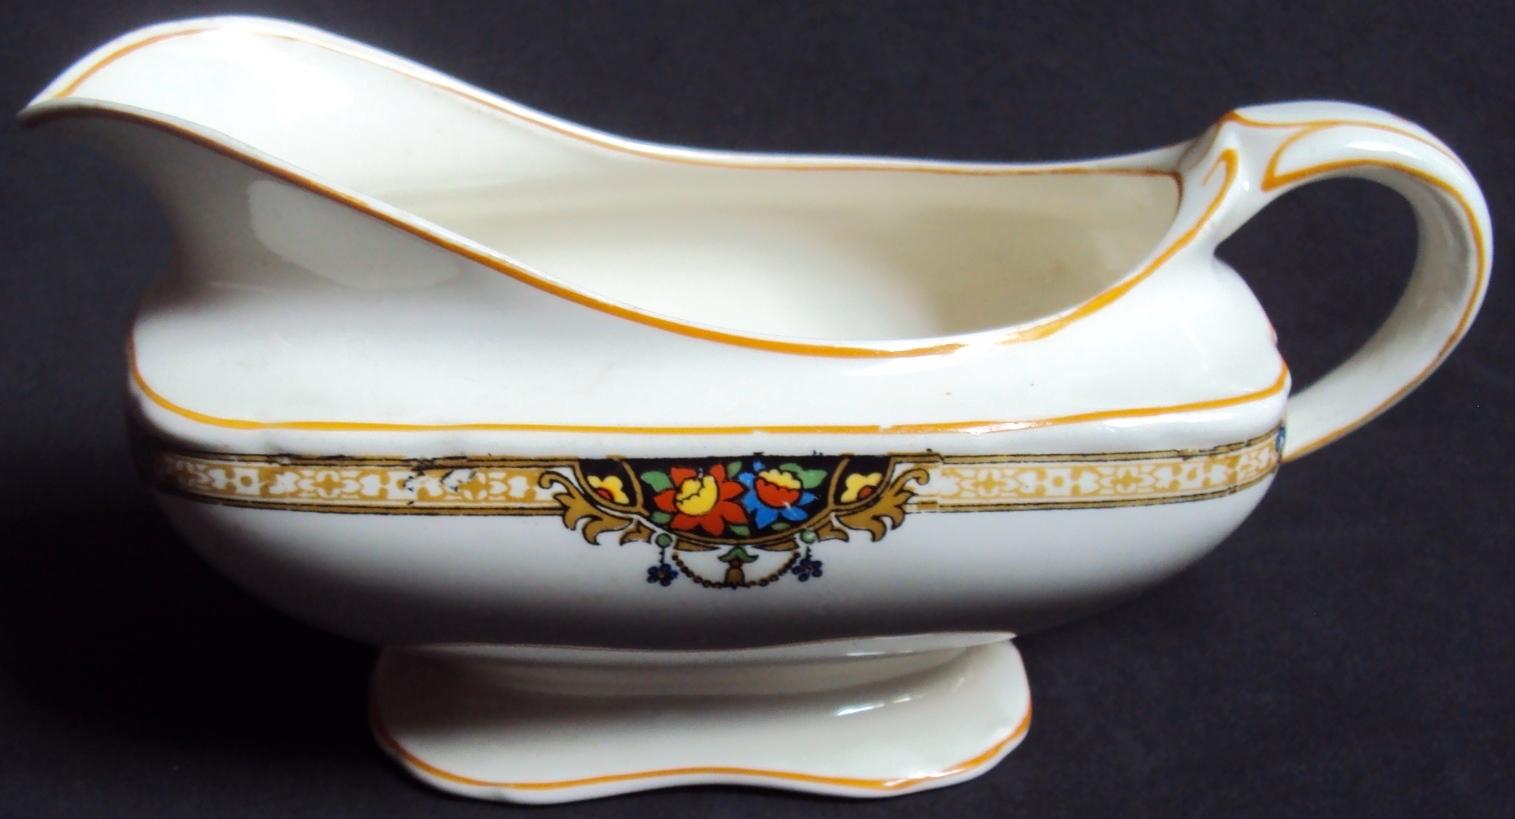 LO 252 – Molheira antiga de porcelana inglesa Grindley Windsor com flores e arabescos